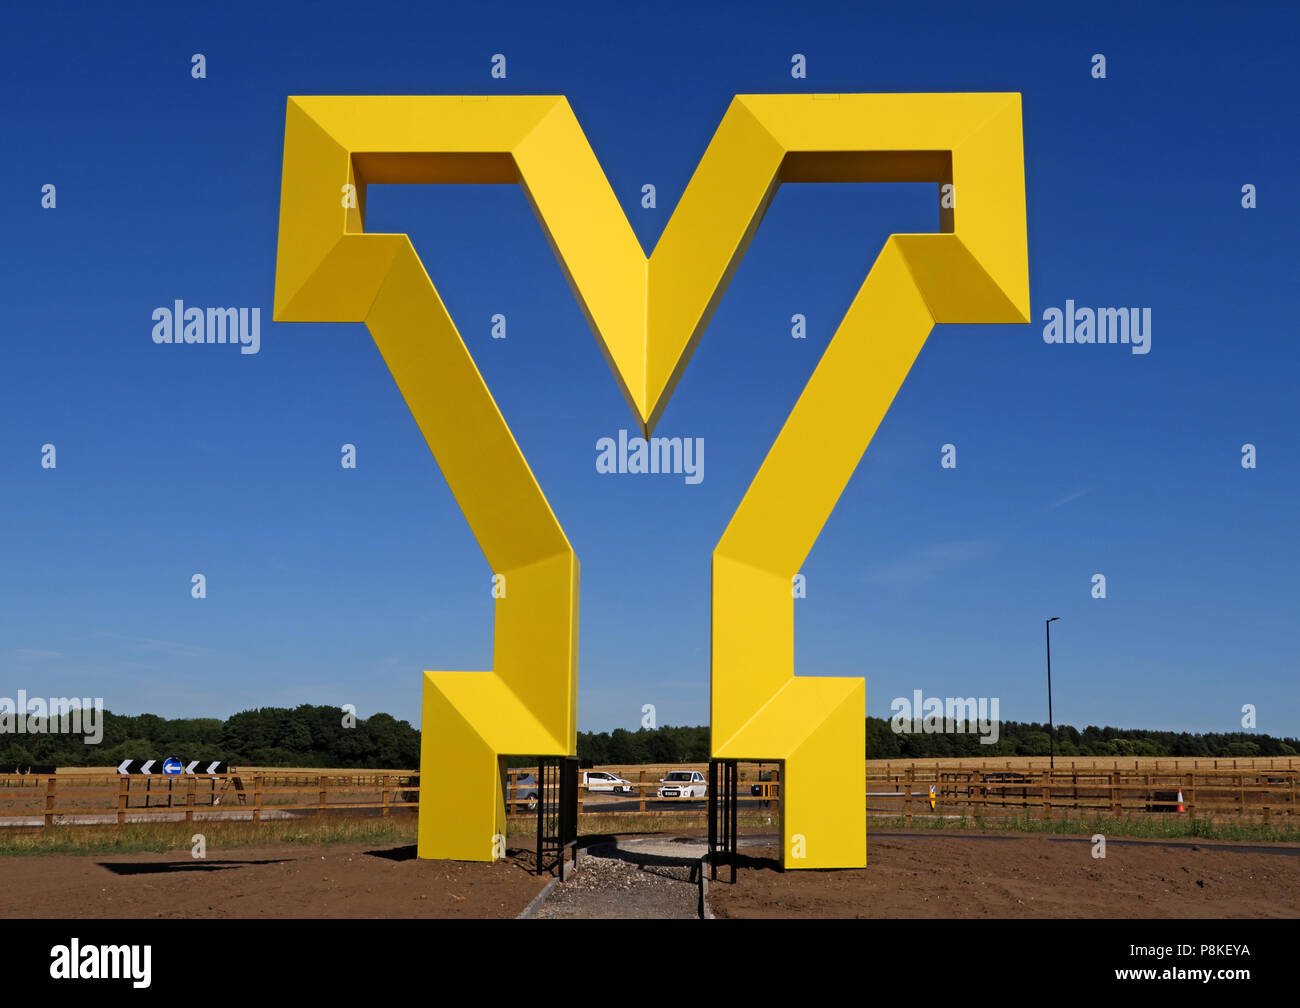 Laden Sie dieses Alamy Stockfoto Große gelbe Y Artwork, Herzlich Willkommen bei den Yorkshire Gateway, Bawtry Road, Rossington, South Yorkshire, England, UK, DN 11 0 GT (Querformat) - P8KEYA